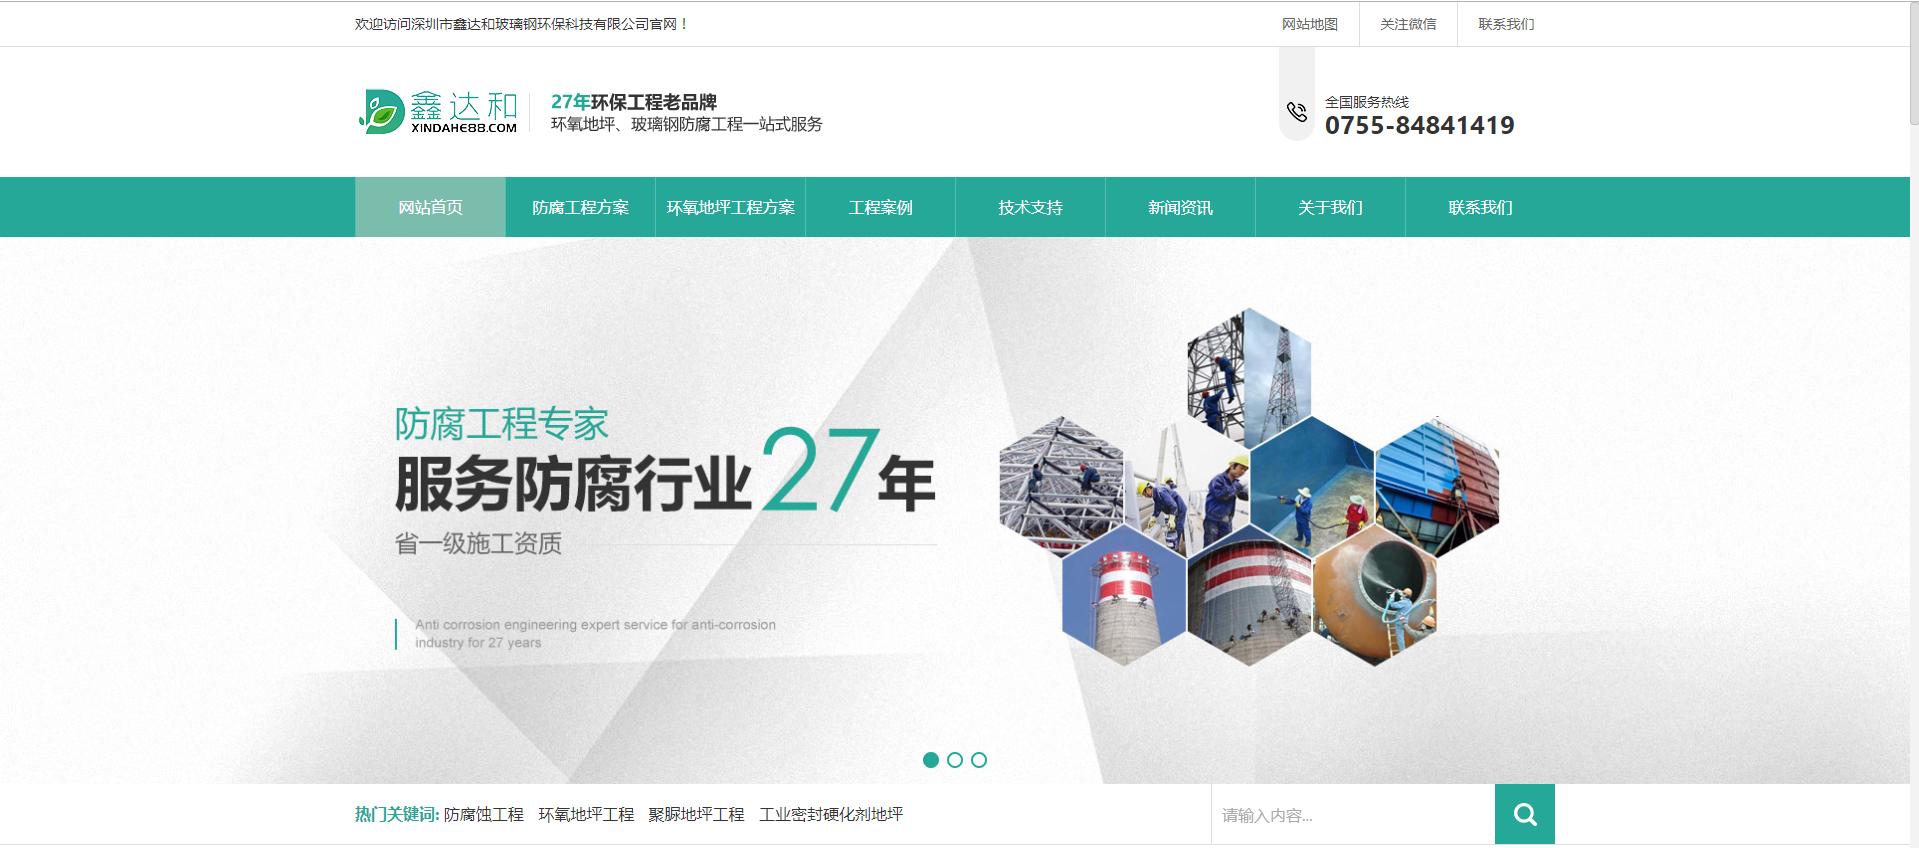 耒阳环保工程网站建设案例